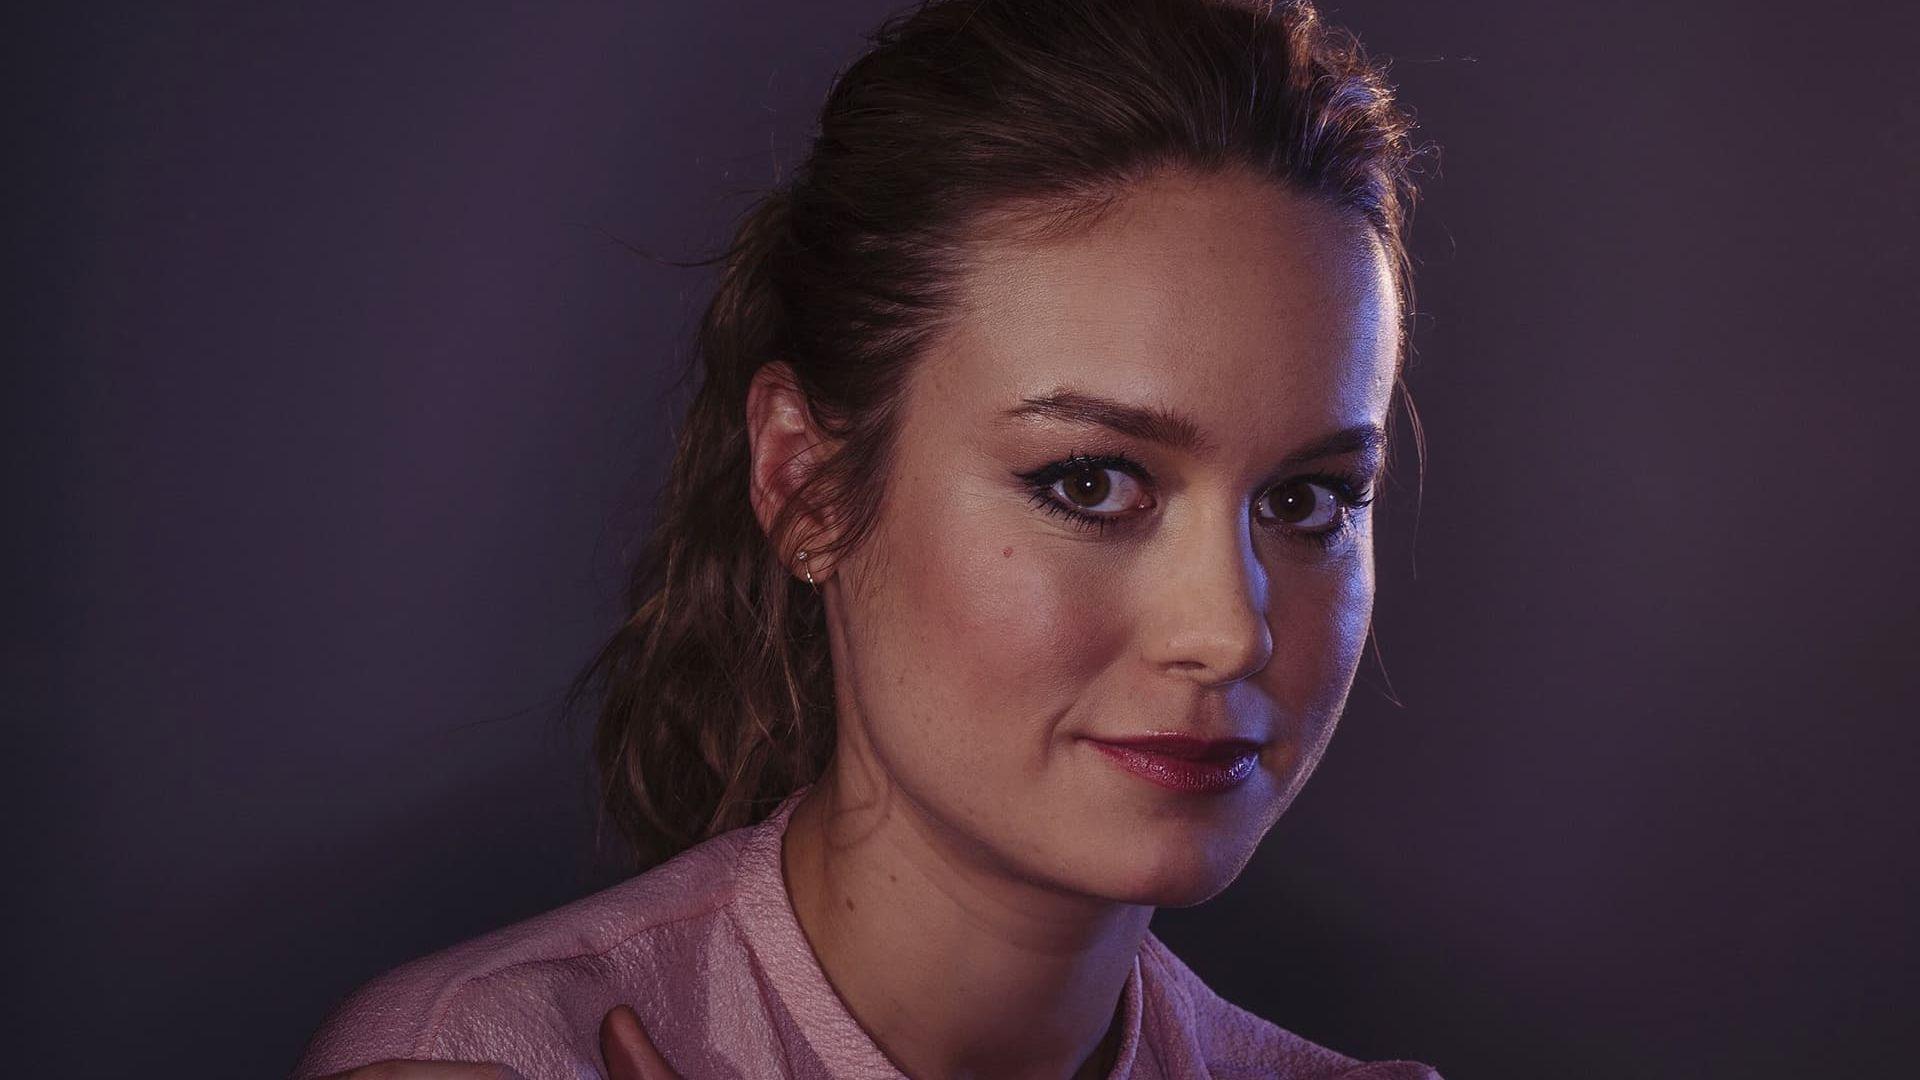 Wallpaper Brie Larson, brunette, face